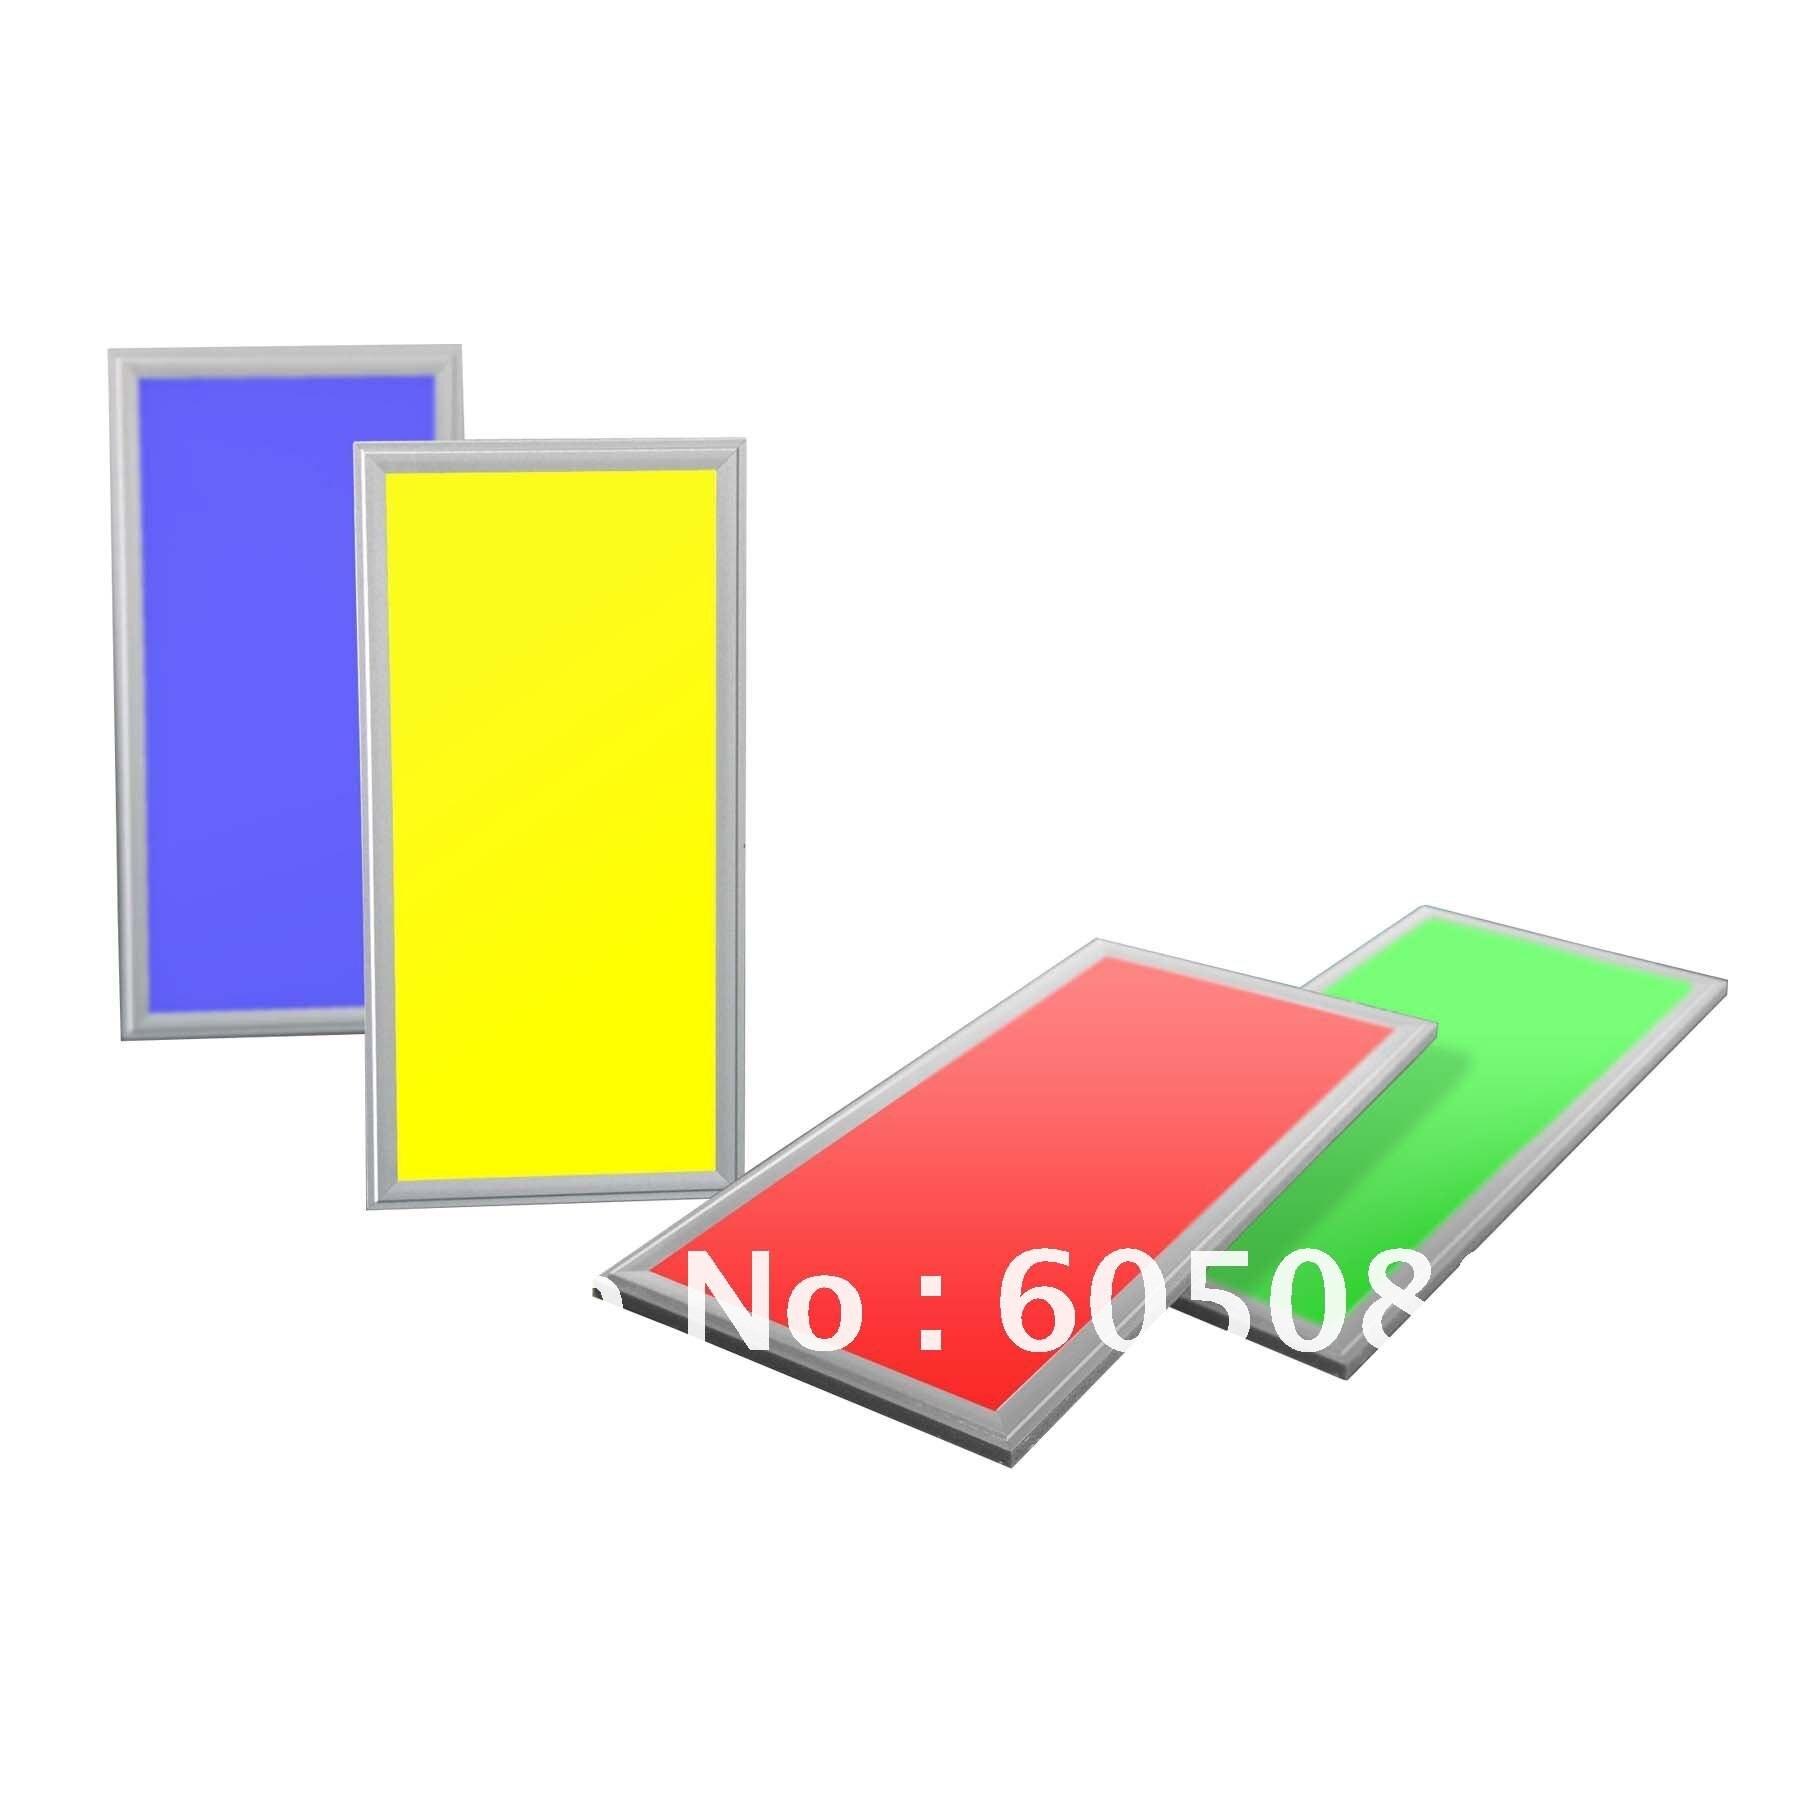 o envio gratuito de 10 quadrado plano luz pcs lote 600600mm 05